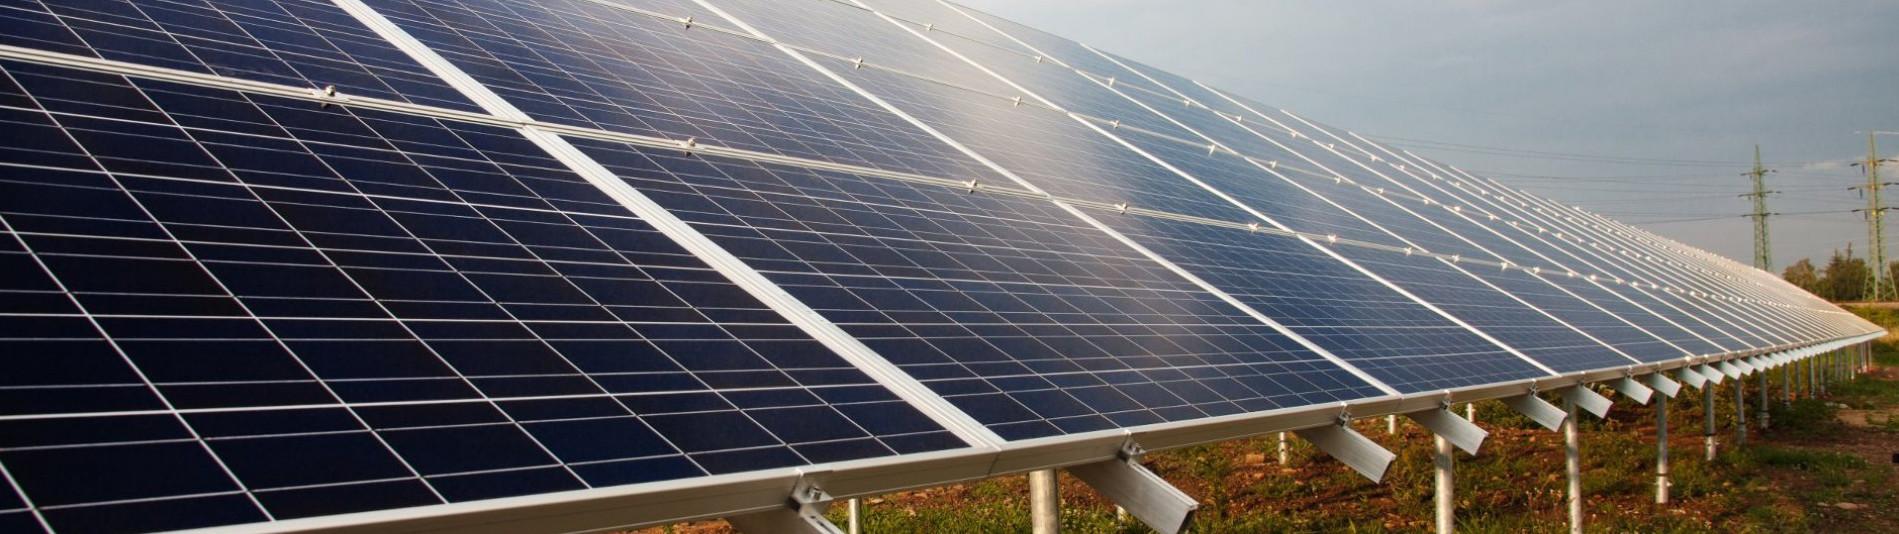 Photovoltaik-Anlage mit Solarzellen im Feld im Grünen mit spiegelndem Sonnenschein